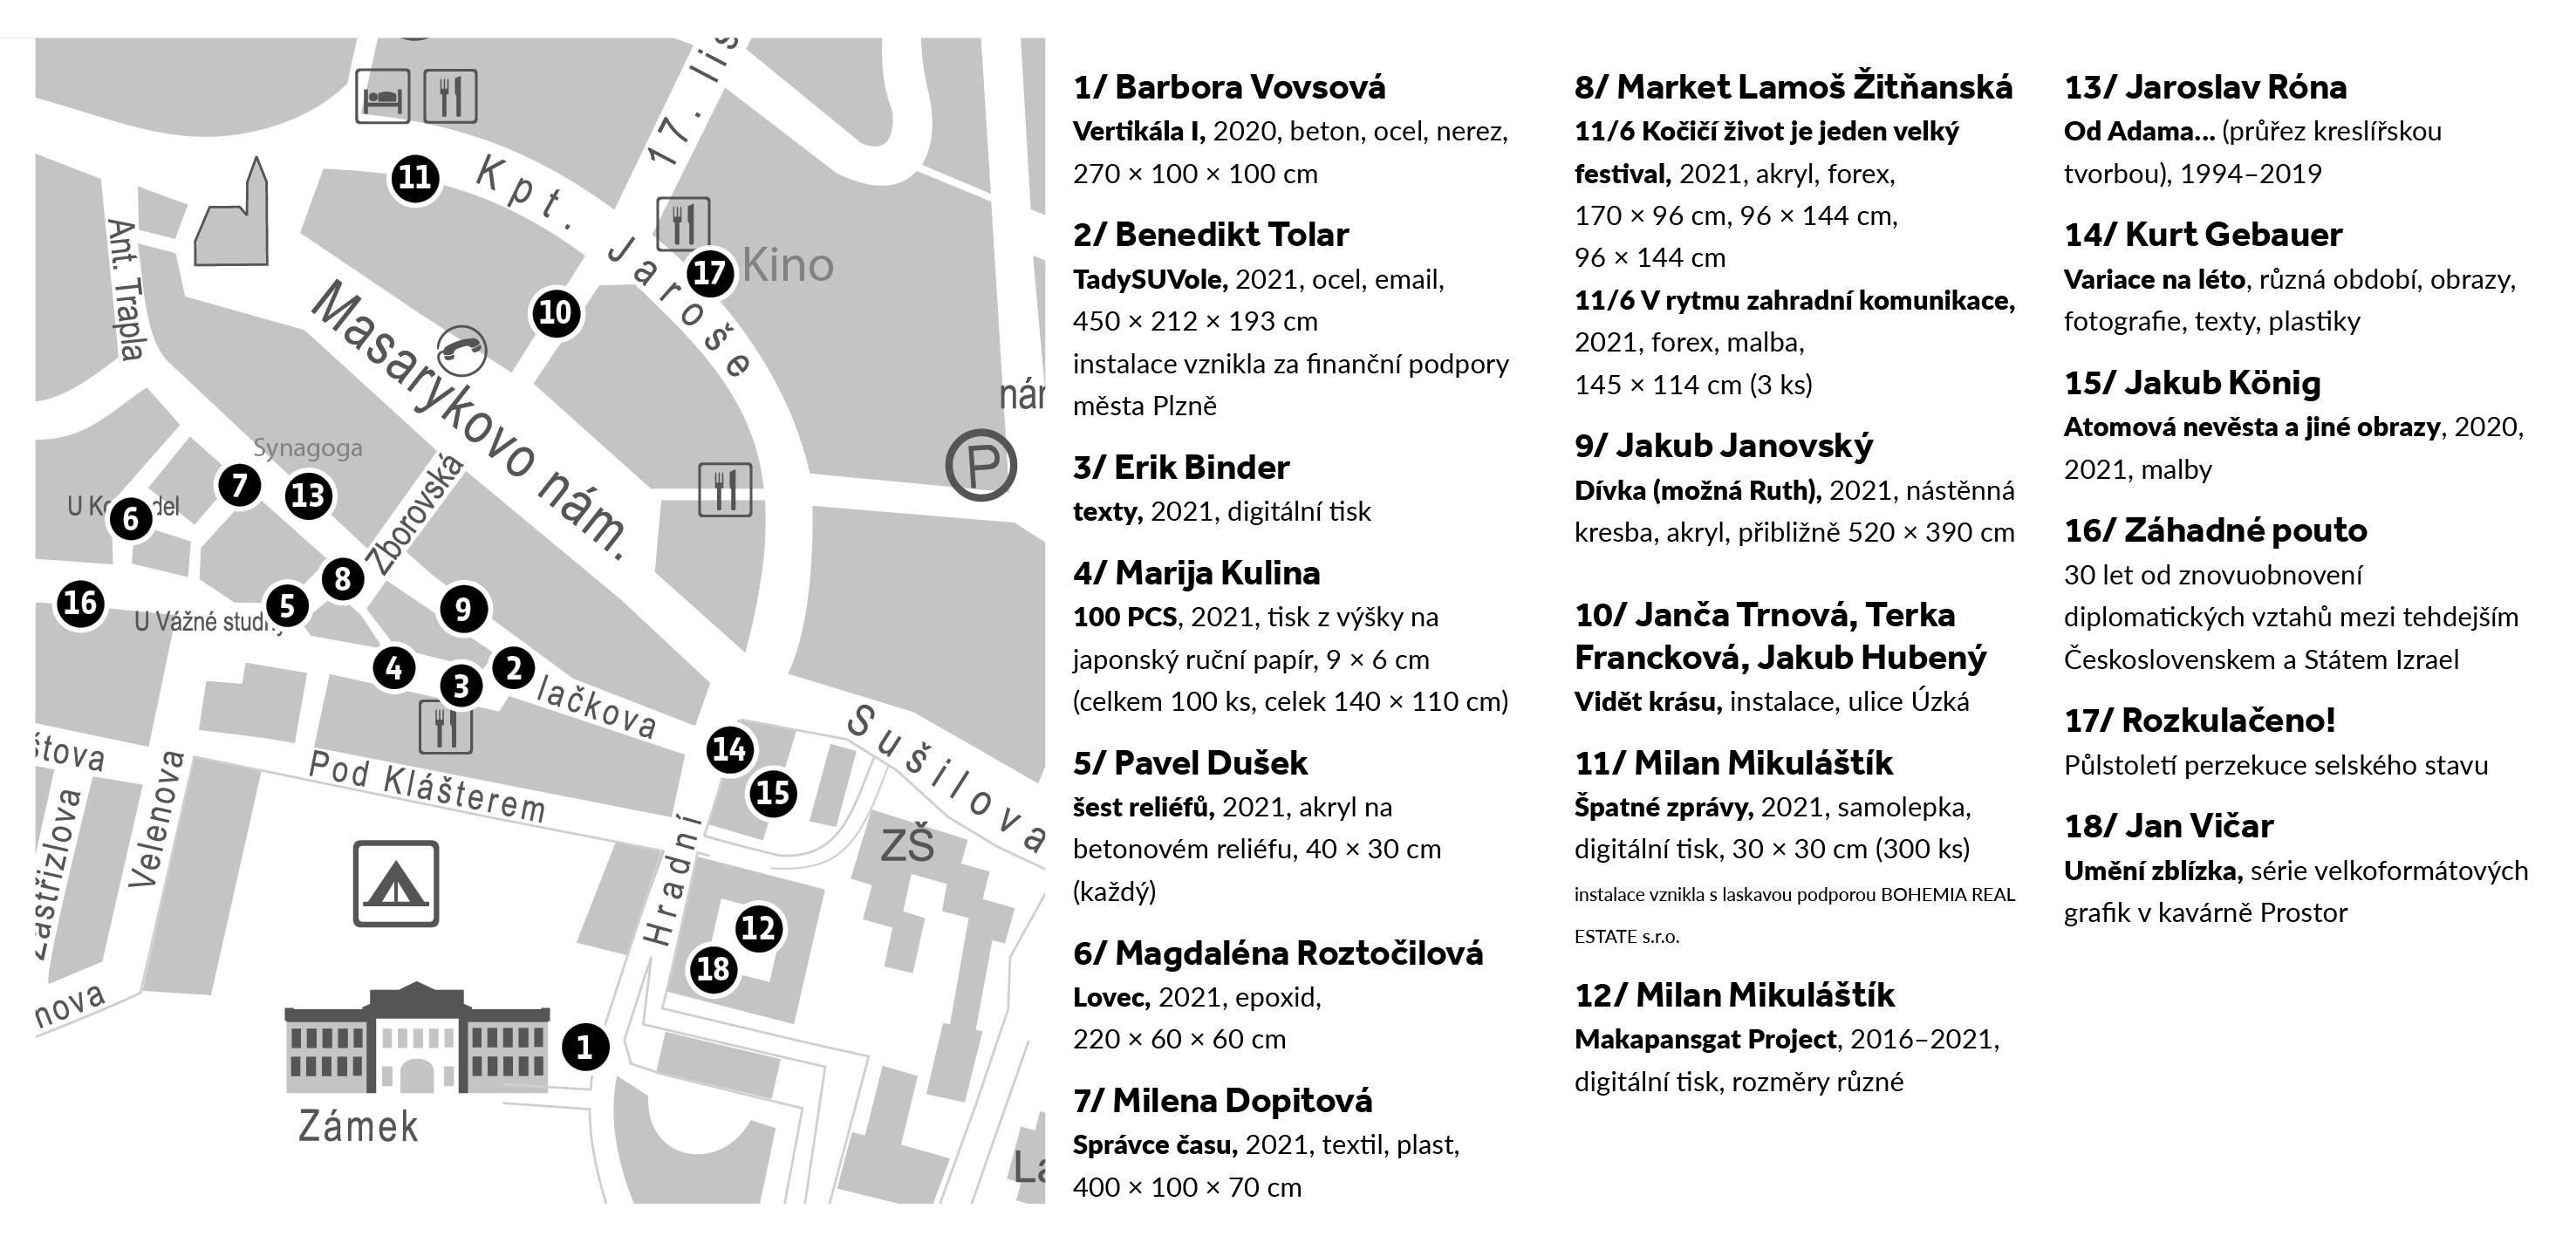 Mapka festivalových výstav